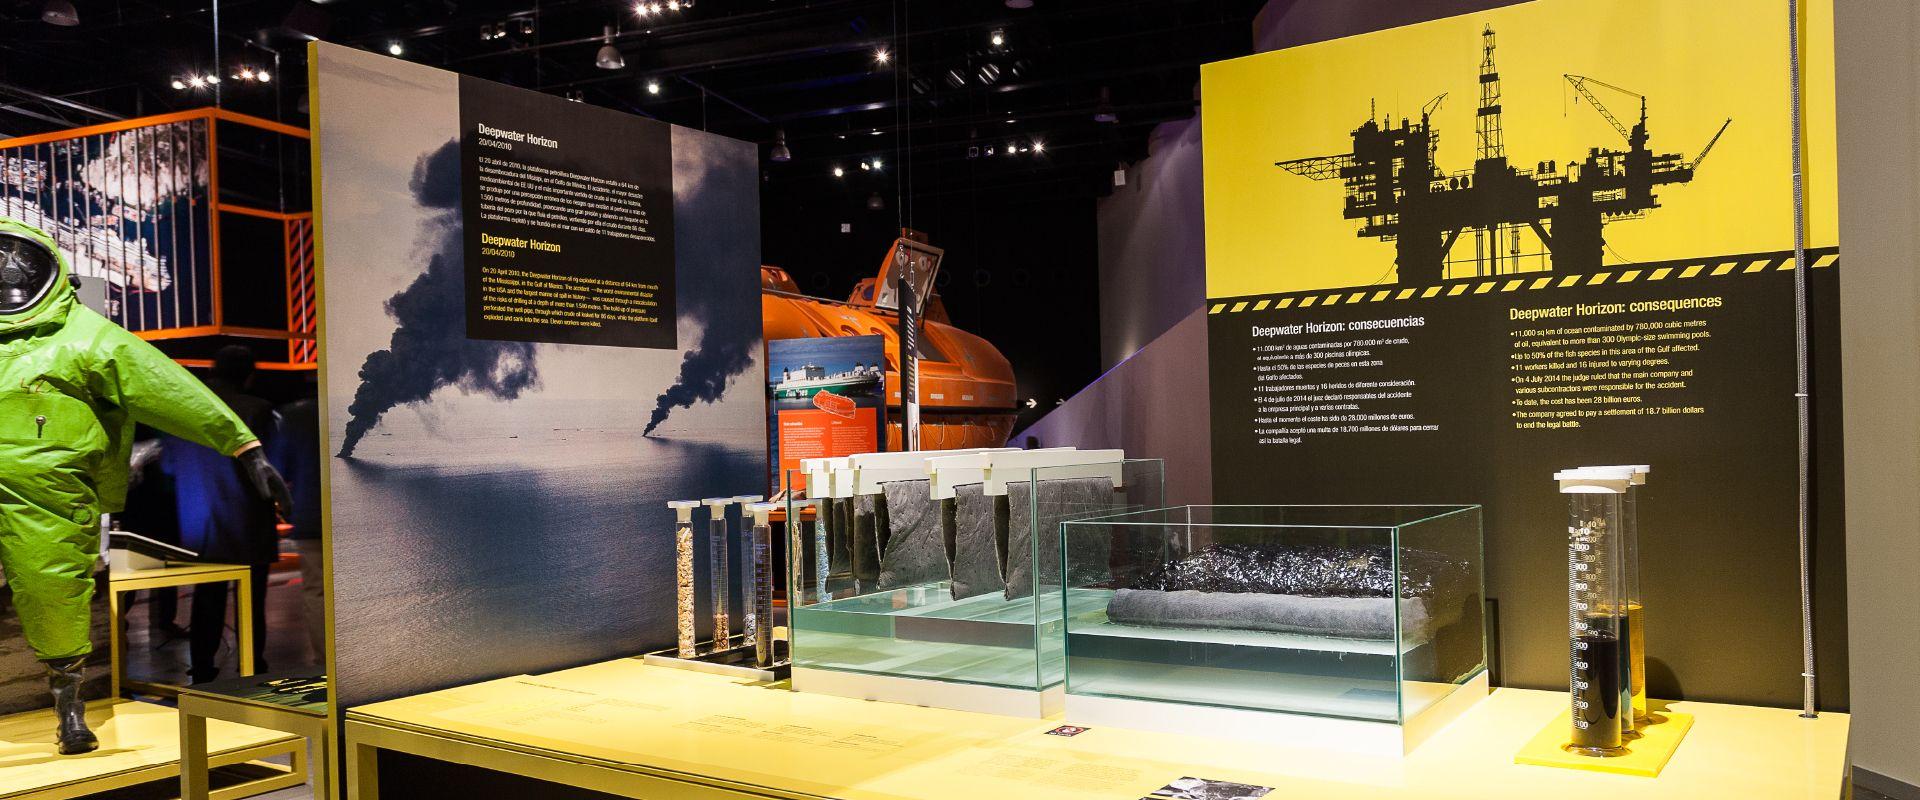 diseño catálogo exposición SOS del parque de las ciencias de granada SOS img-total